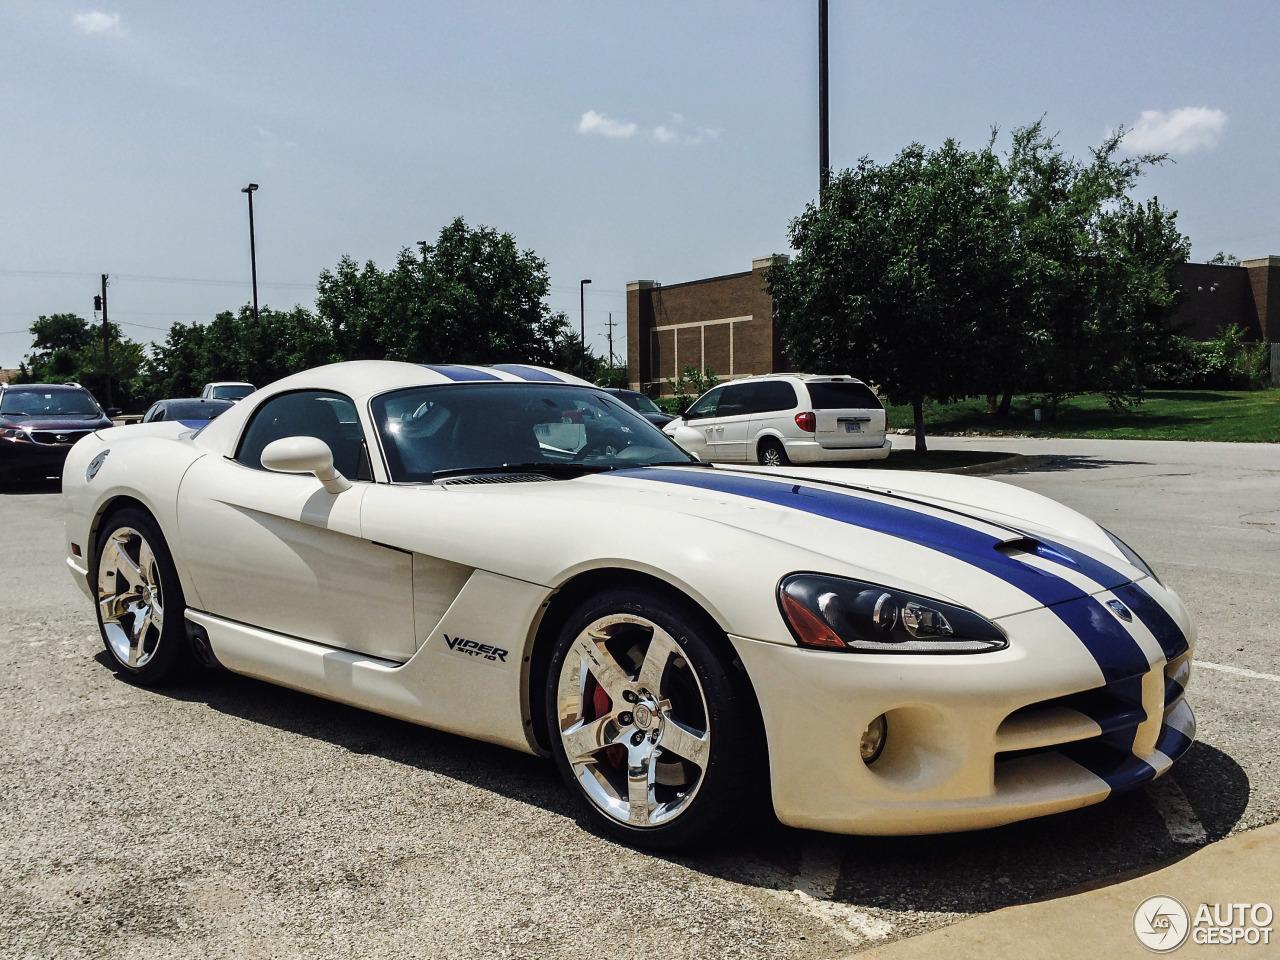 Dodge viper 2014 srt 10